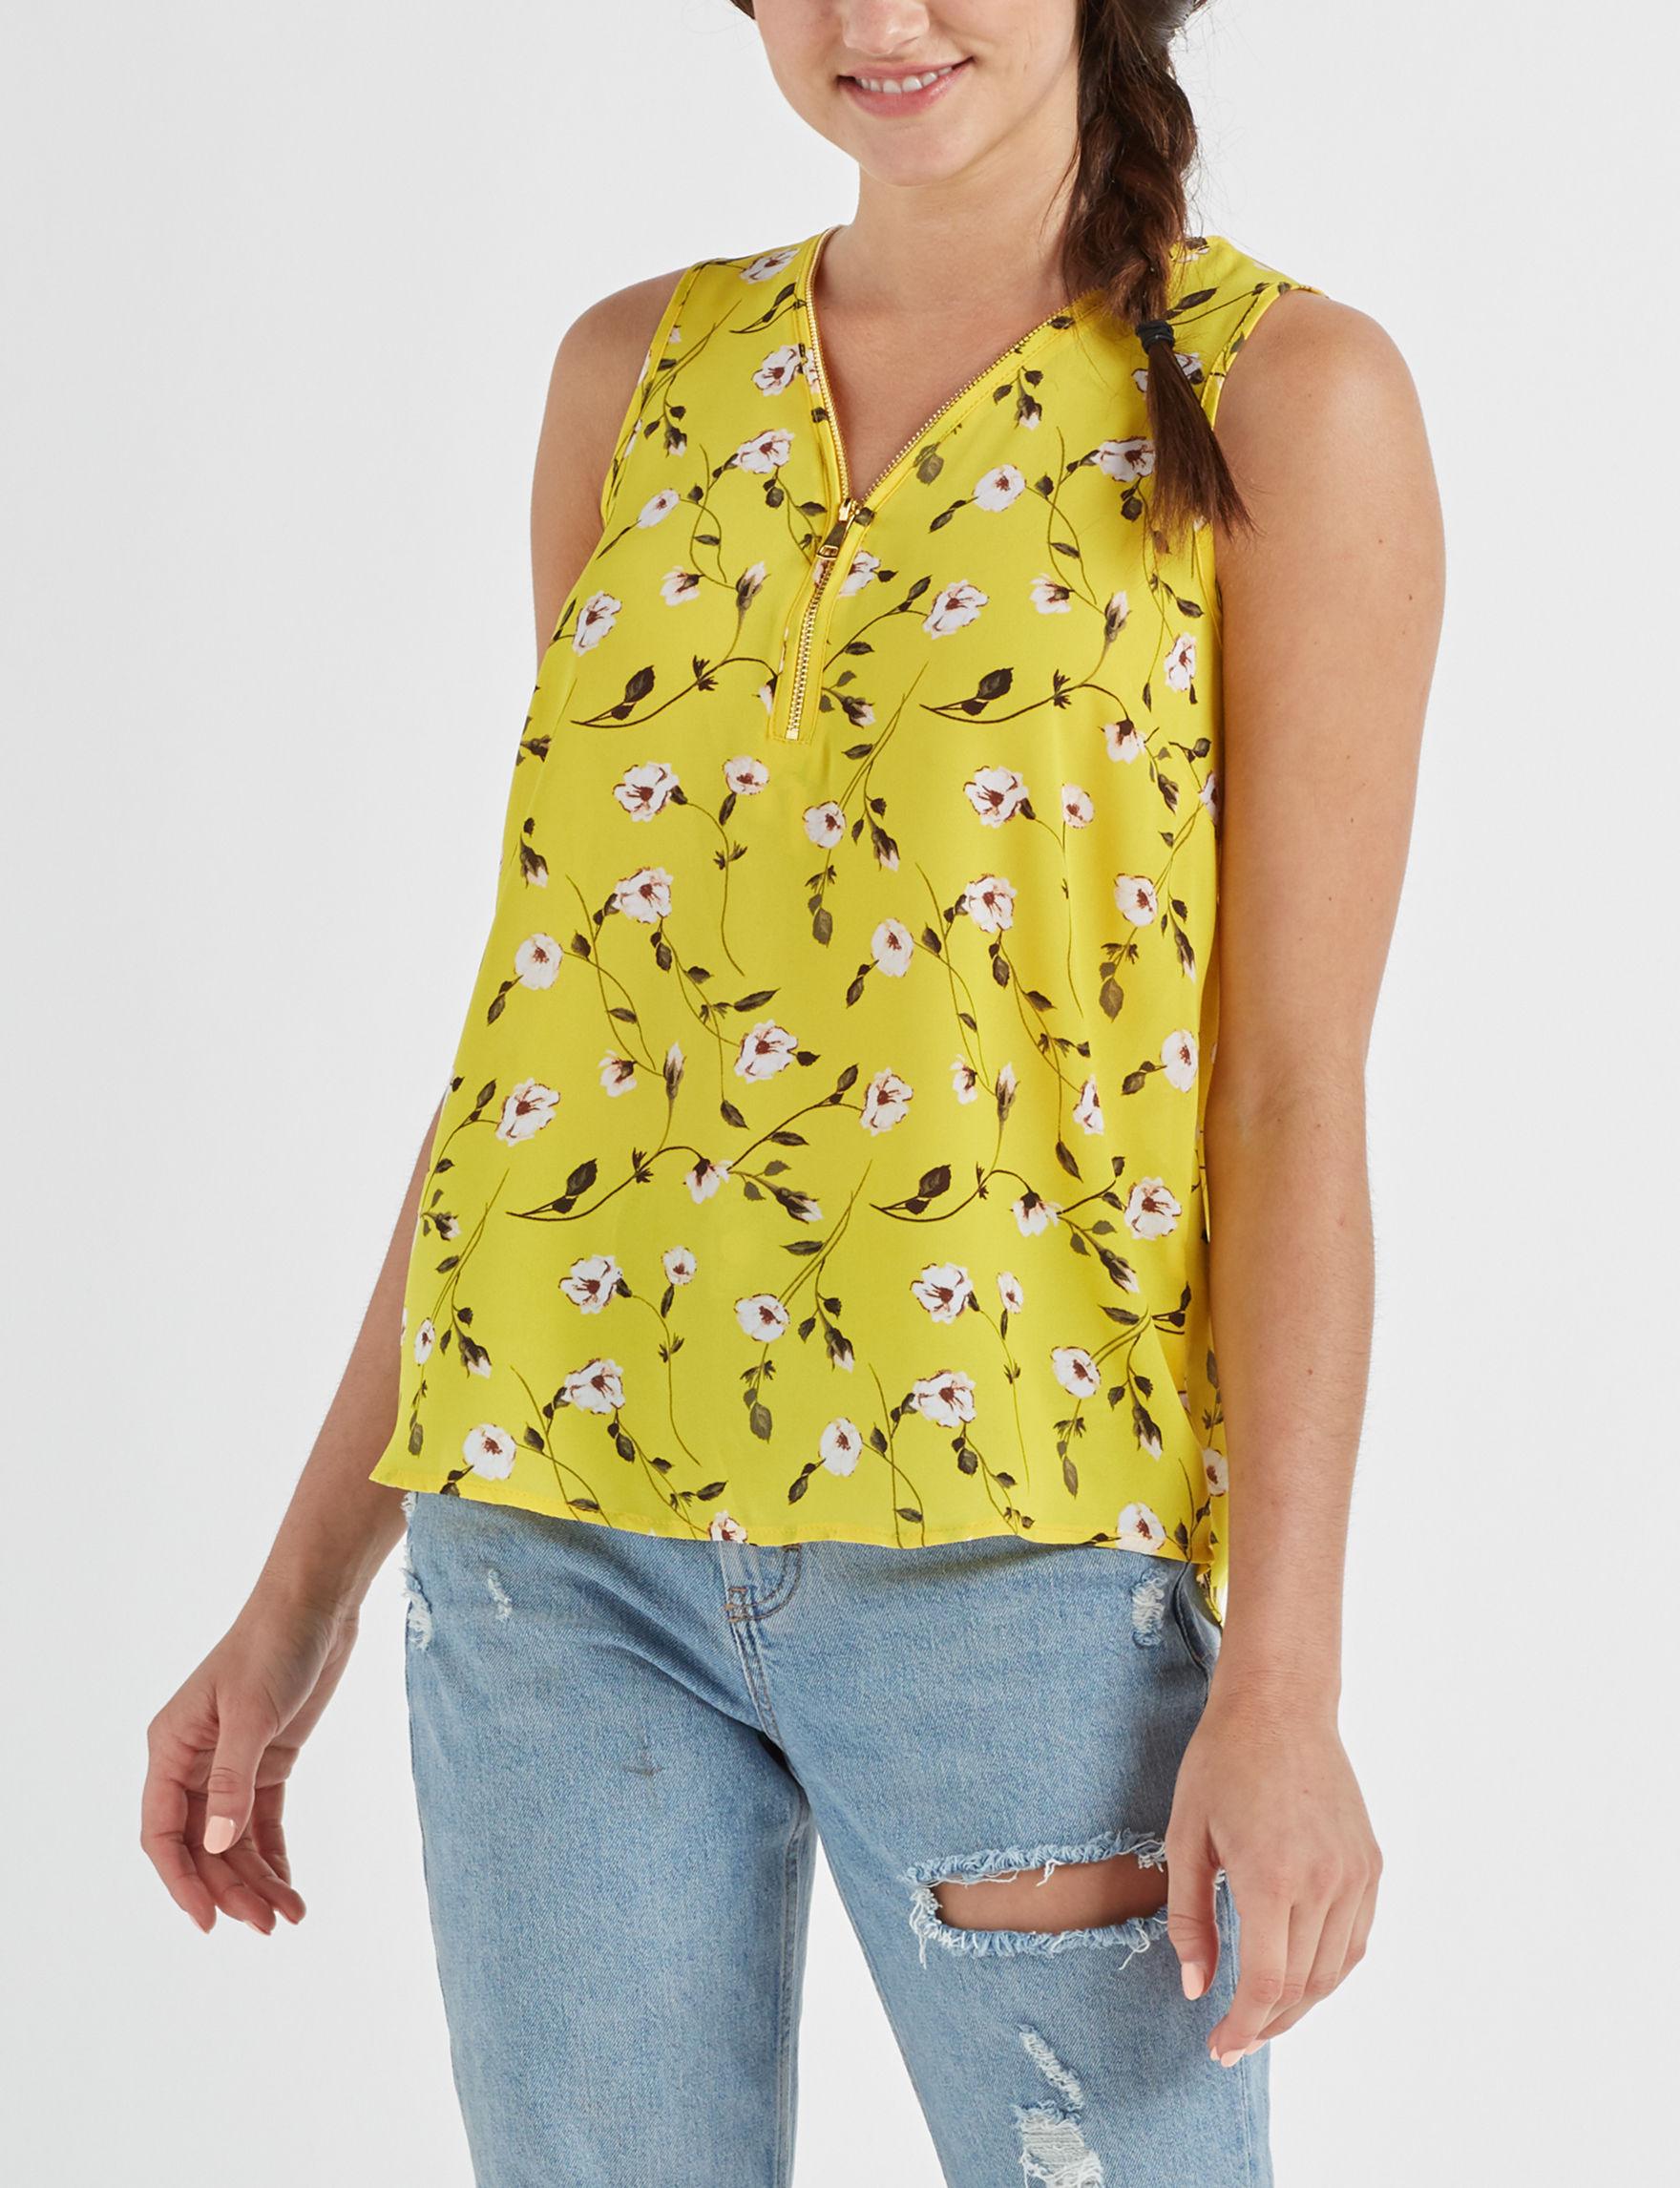 Wishful Park Yellow / Multi Shirts & Blouses